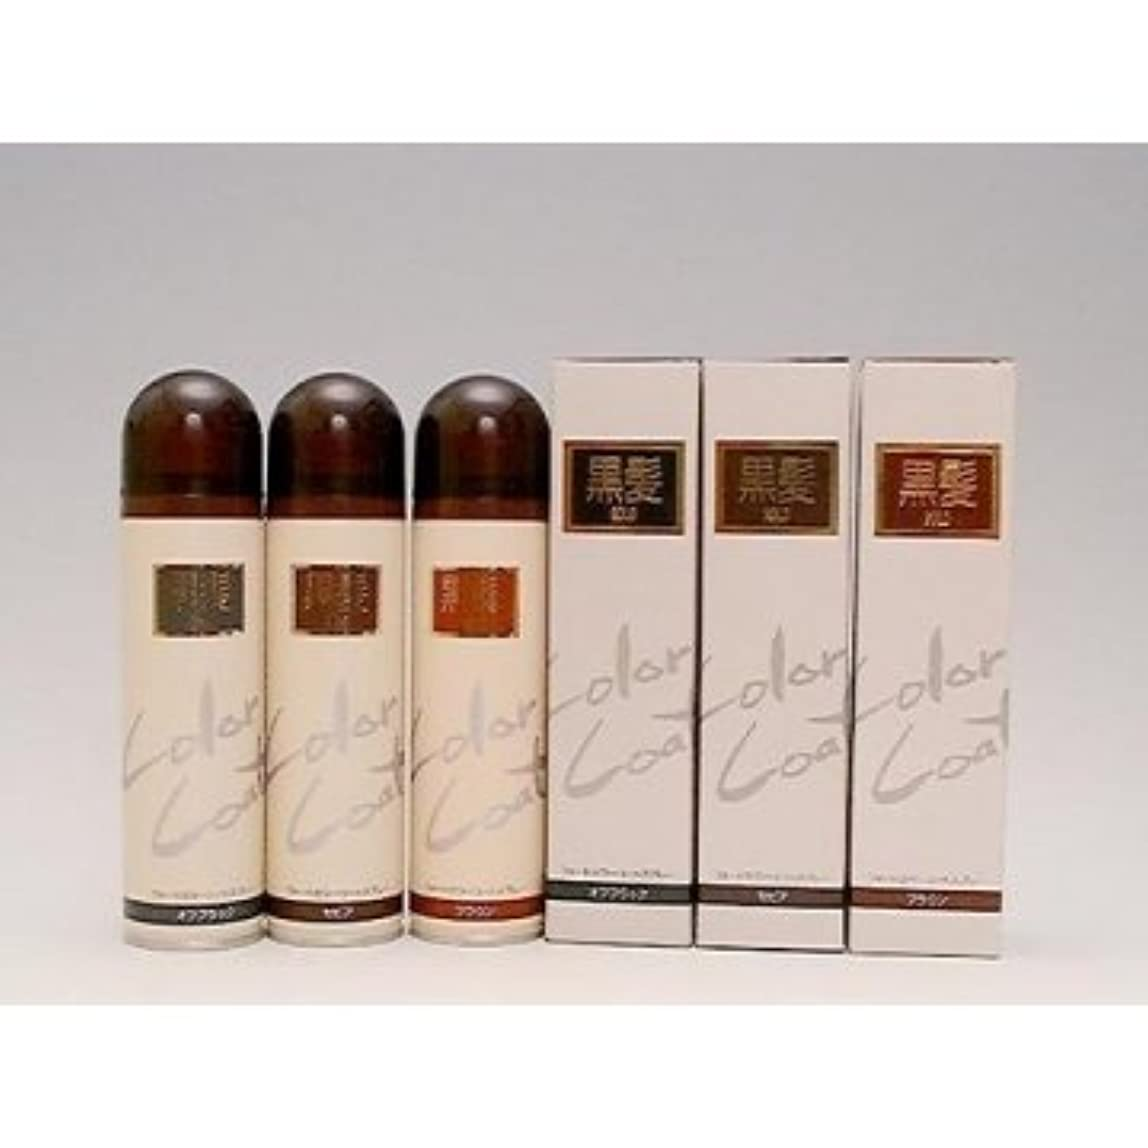 グレーゴルフ絞るフォードヘア化粧品 カラーコートスプレー(ブラウン)203